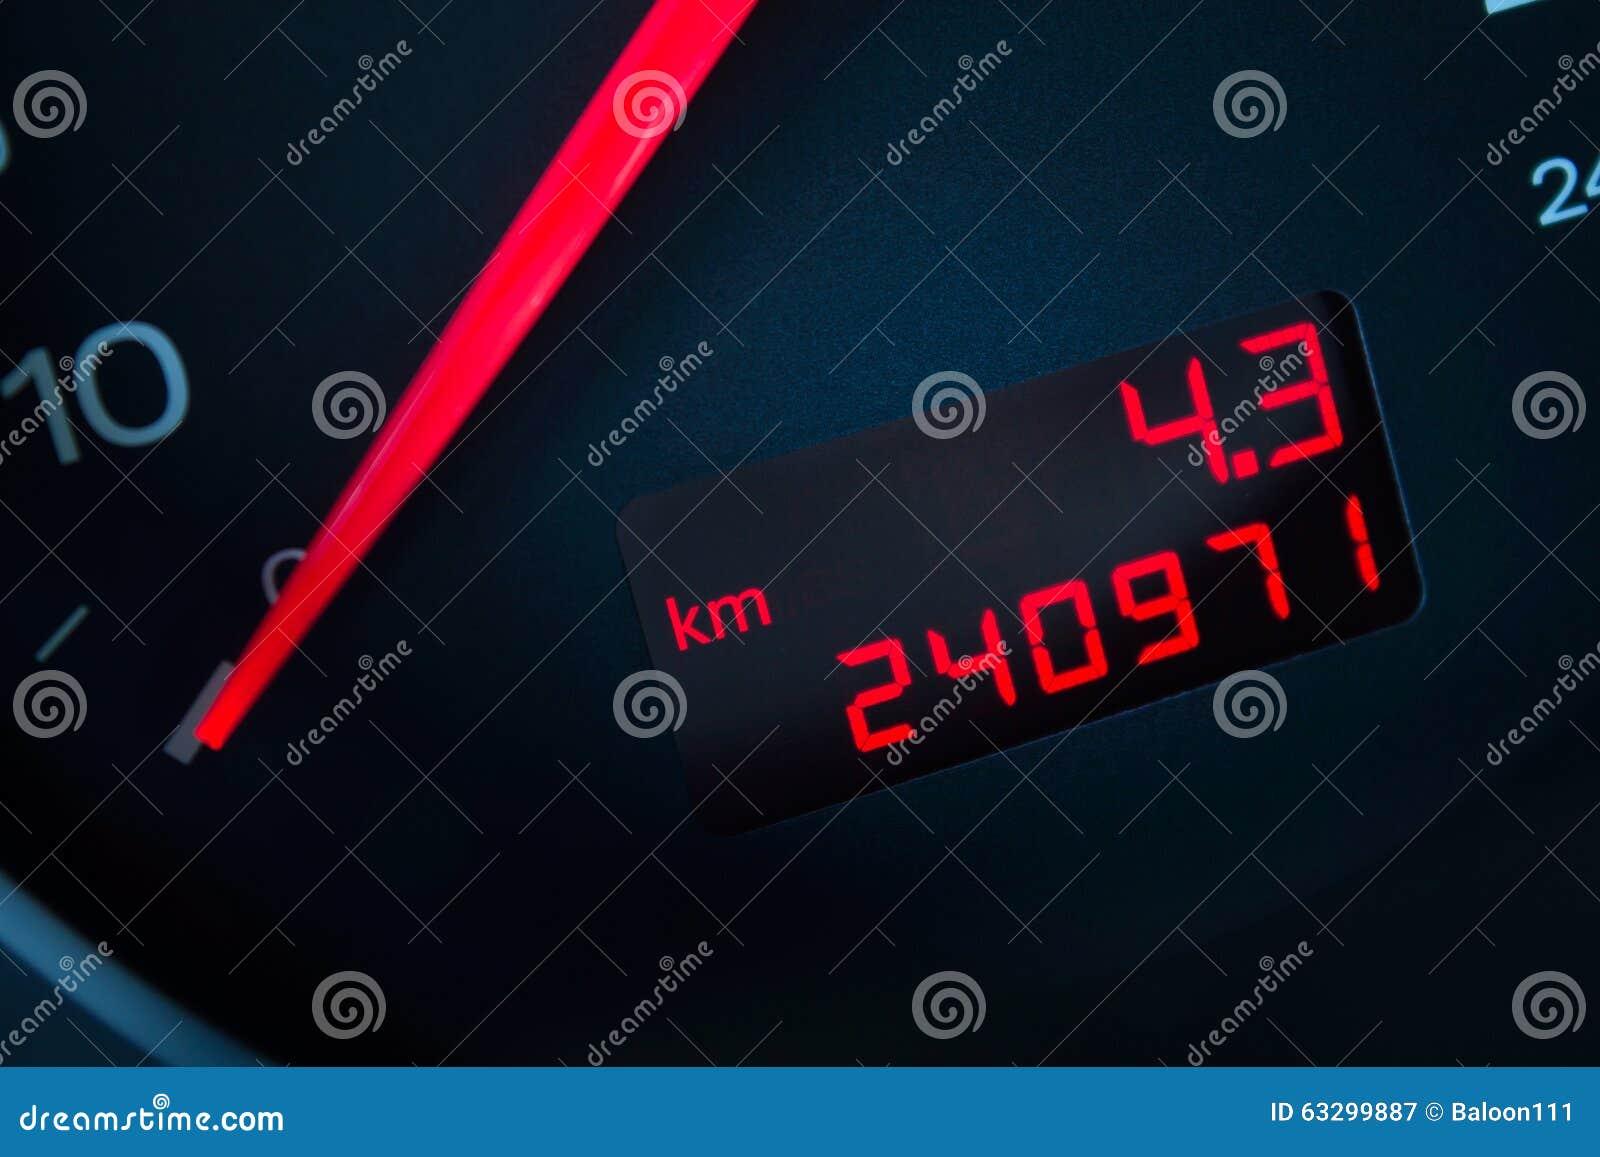 Voiture avec un kilomètrage élevé